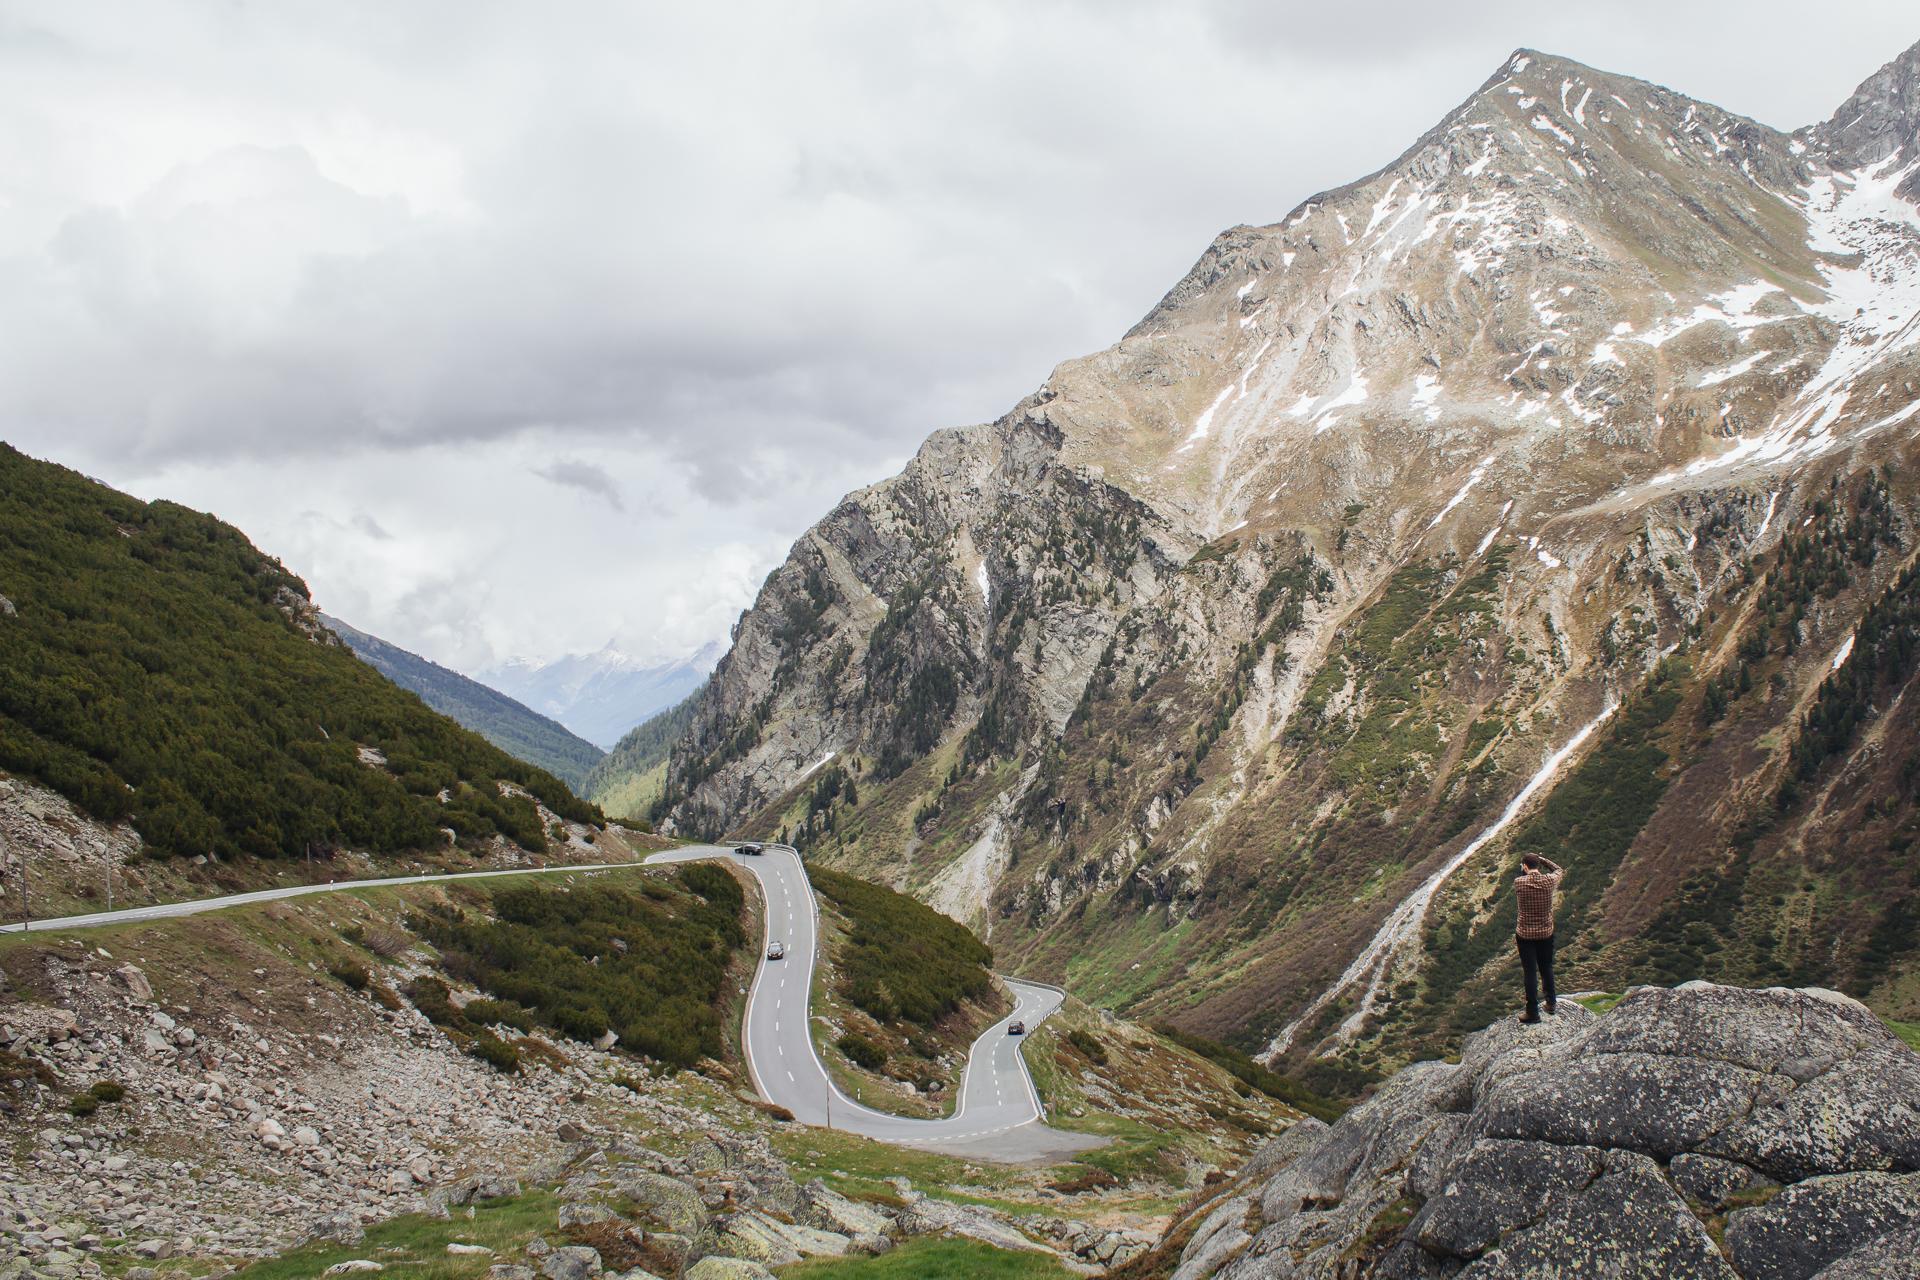 Flüela Pass, Davos, Klosters, Switzerland, Graubunden